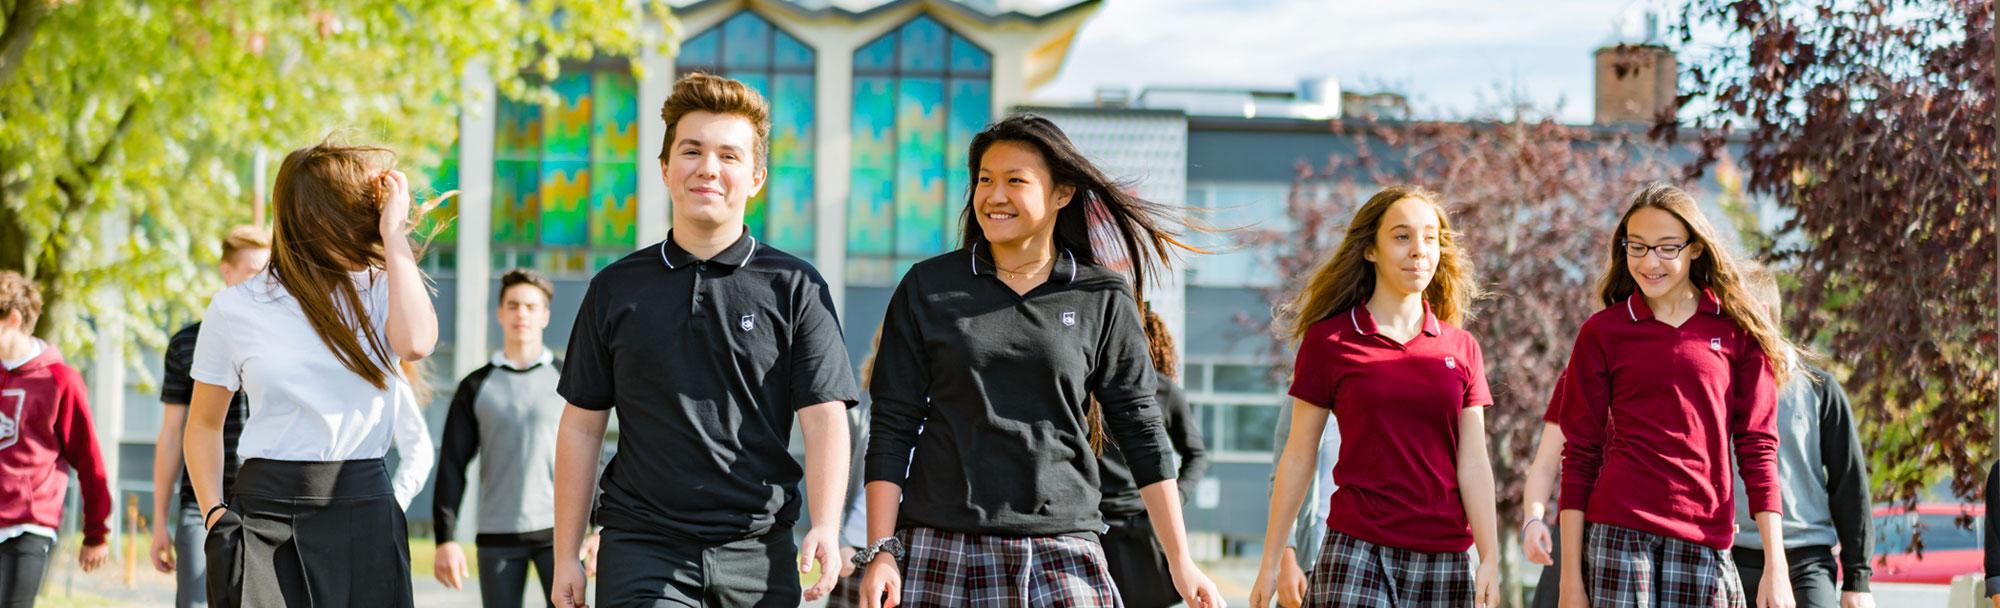 Collège Saint-Bernard - élèves à l'extérieur